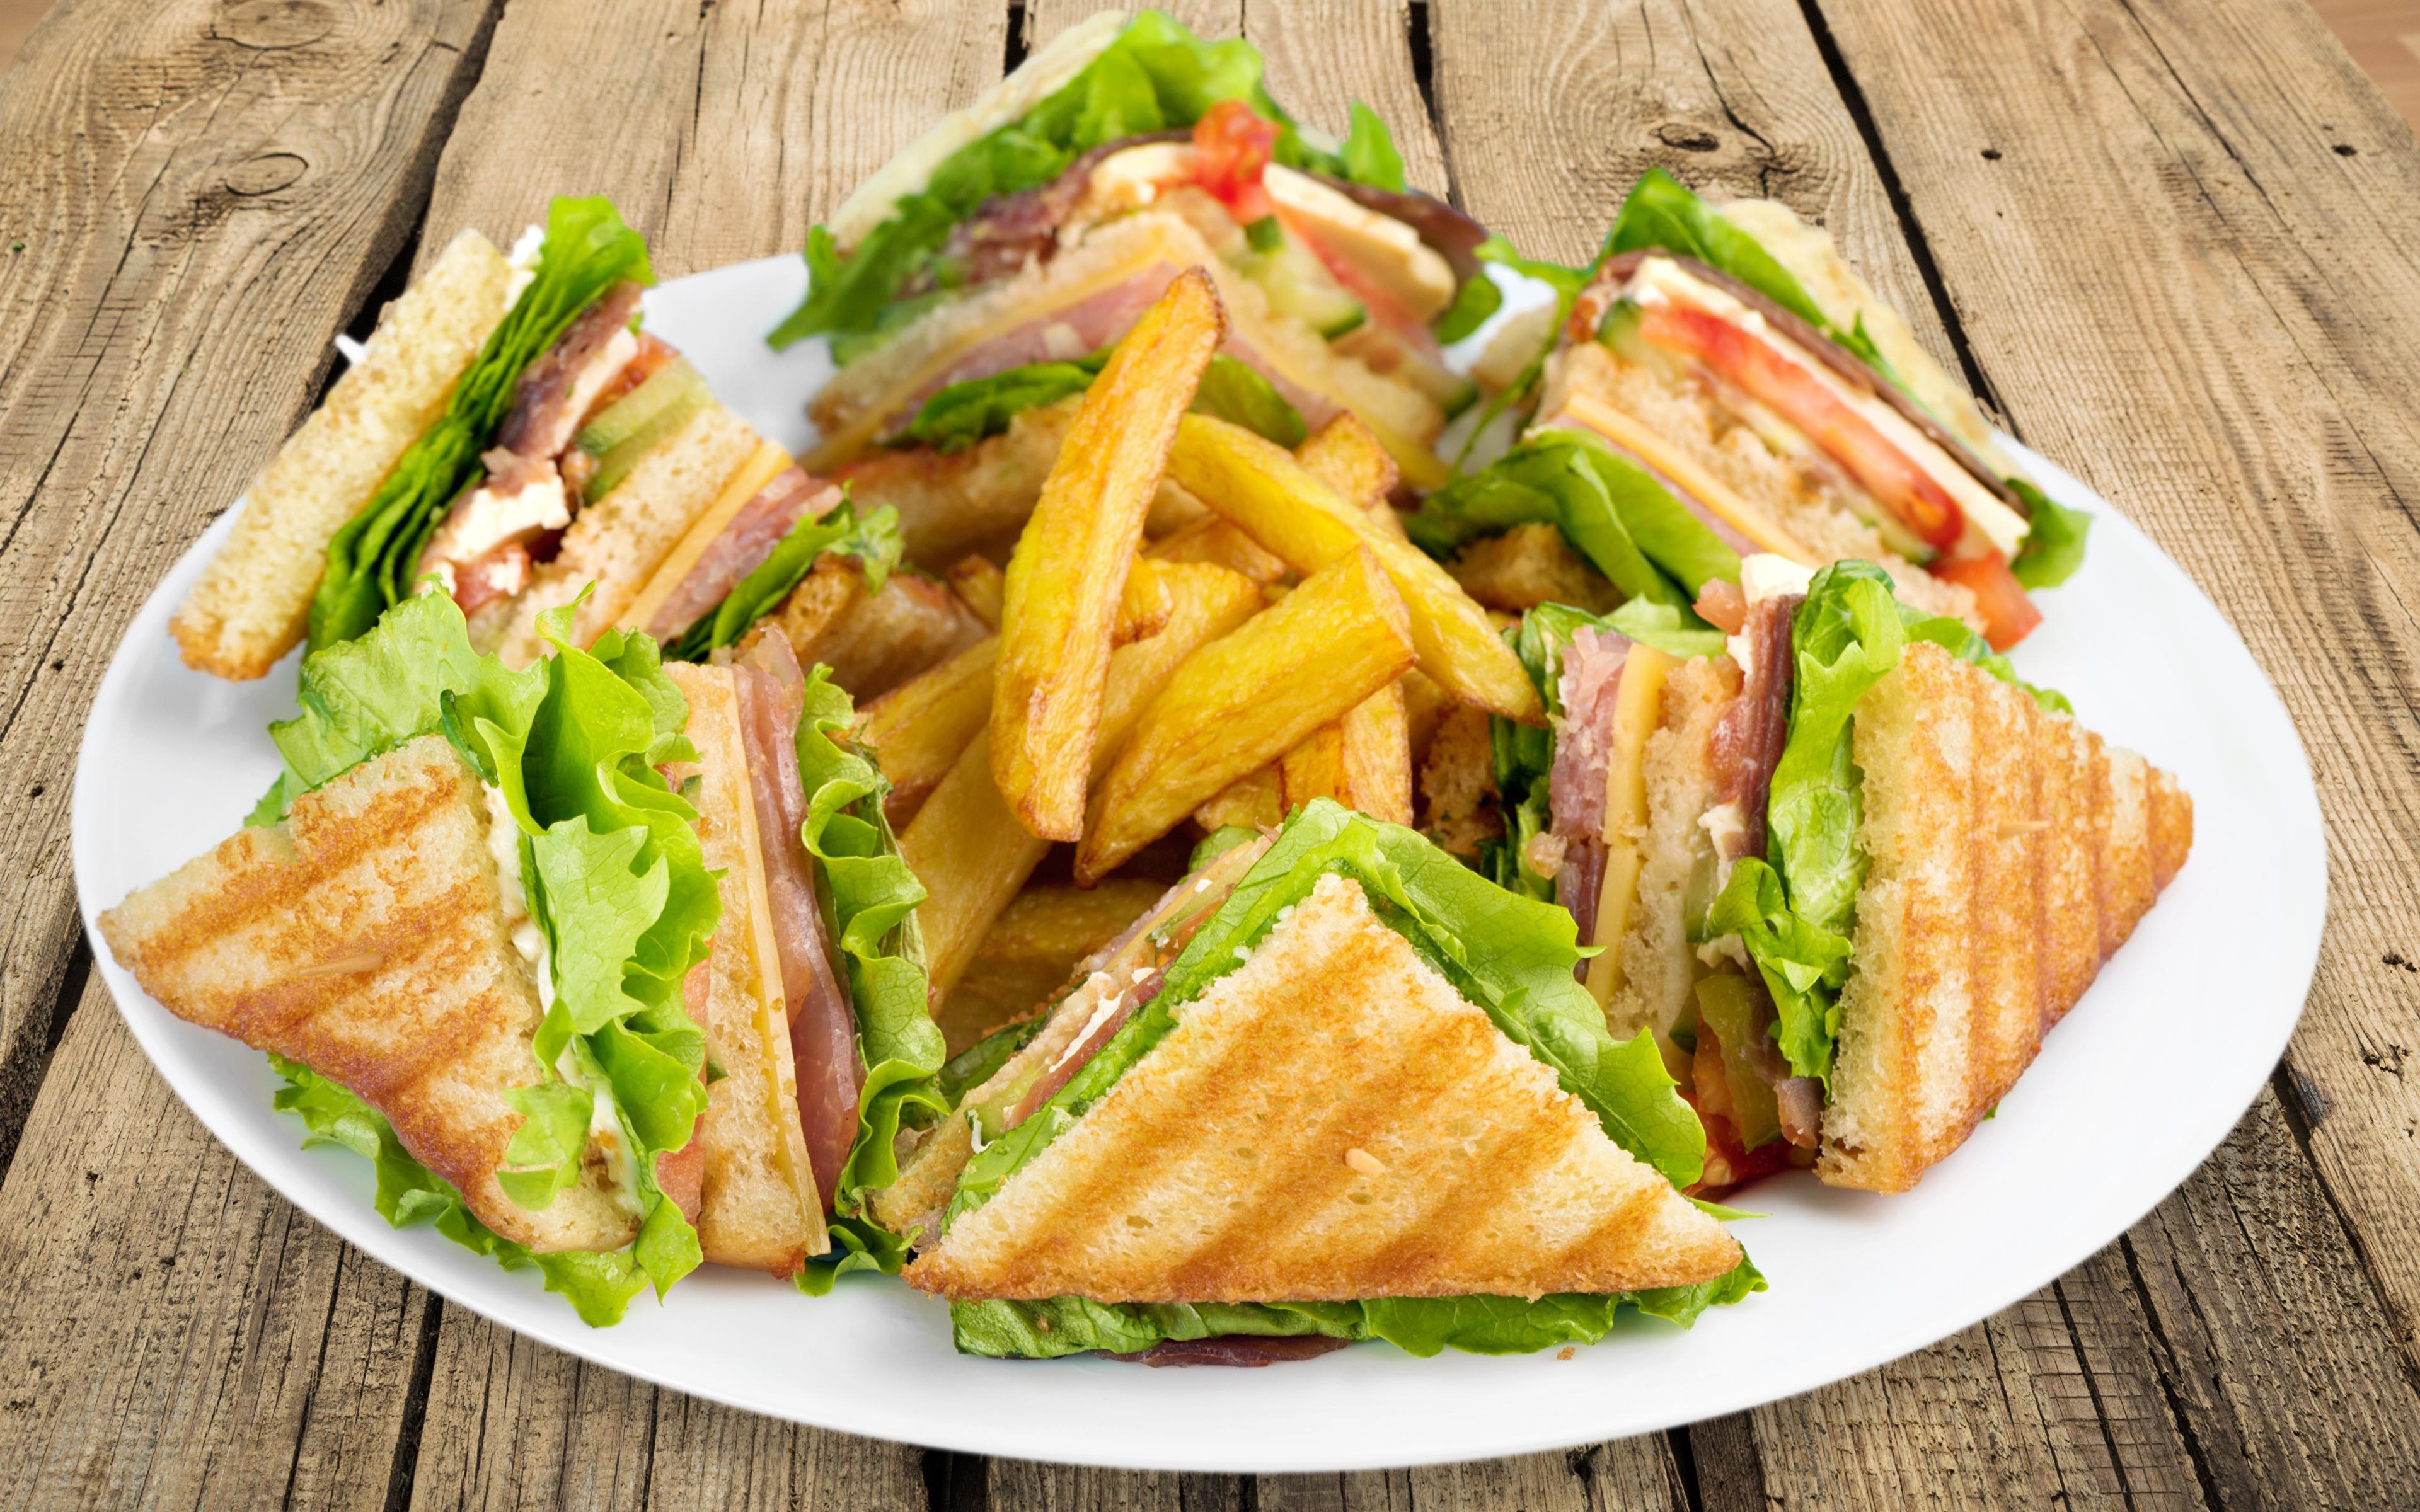 Обои для рабочего стола Сэндвич Картофель фри Еда Тарелка Доски 3840x2400 Пища тарелке Продукты питания